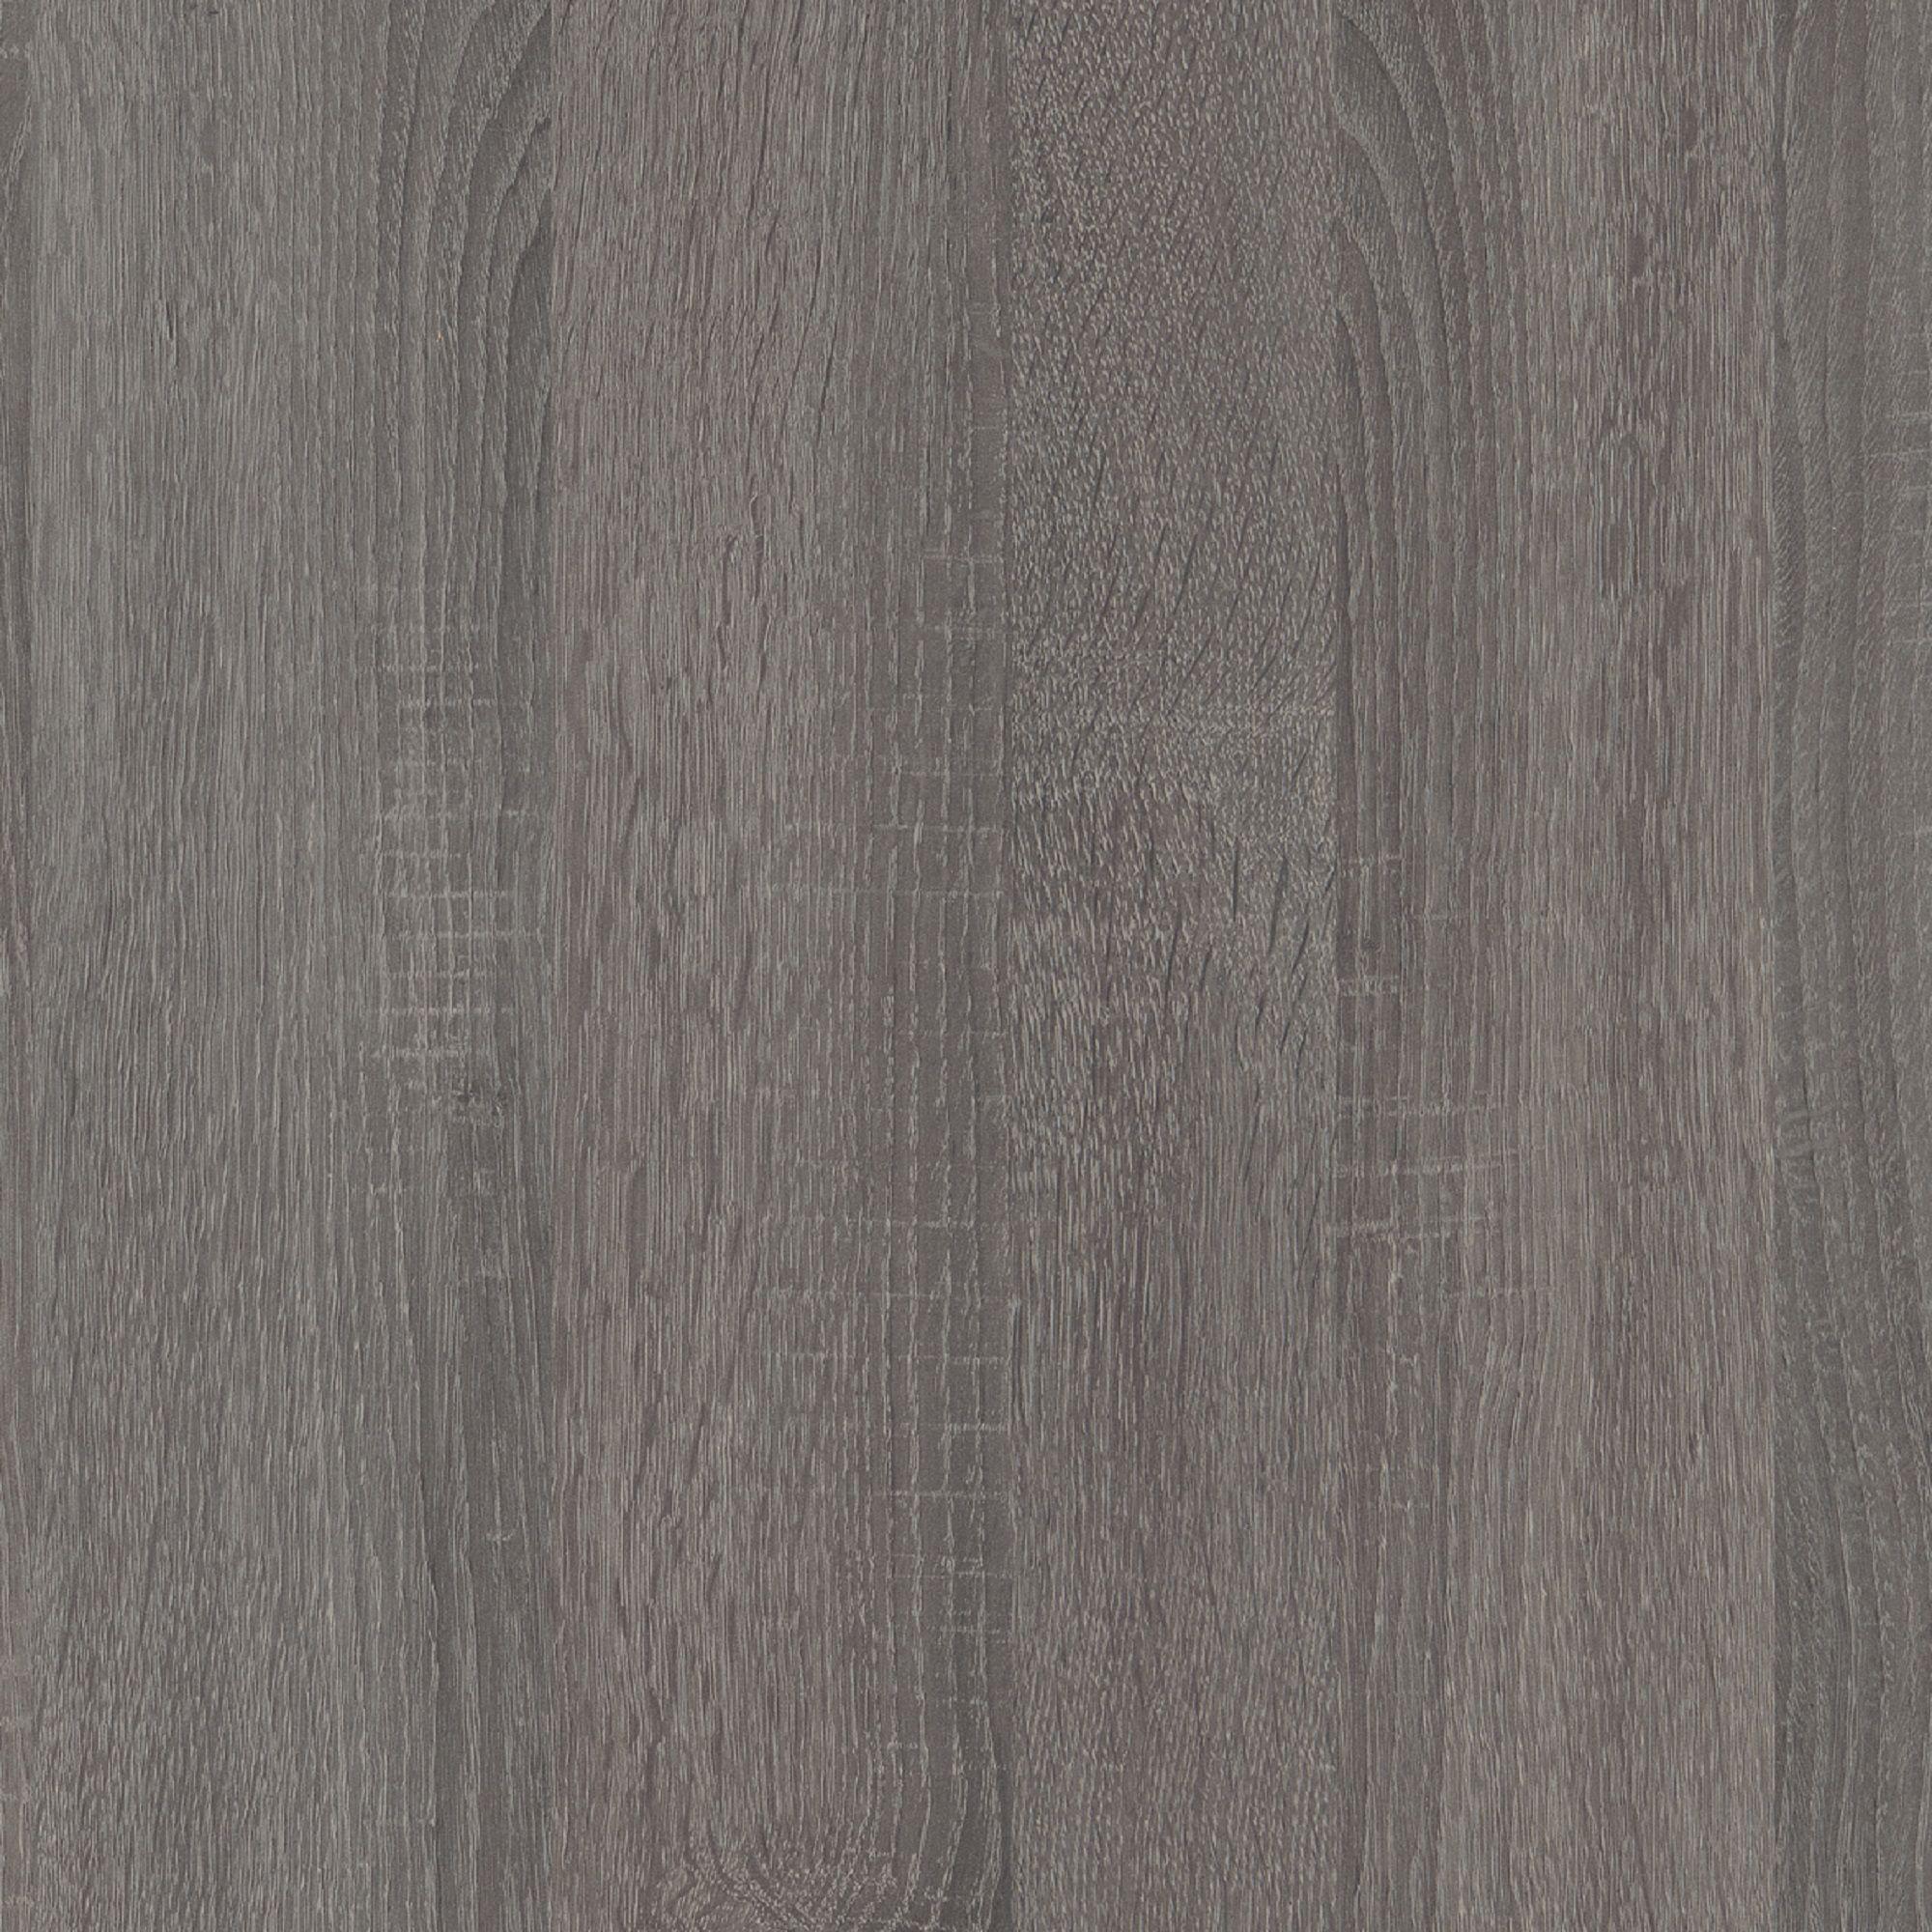 ideas for lights on a outdoor garage - 9mm Topia Dark Wood Effect Dark Wood Effect Kitchen